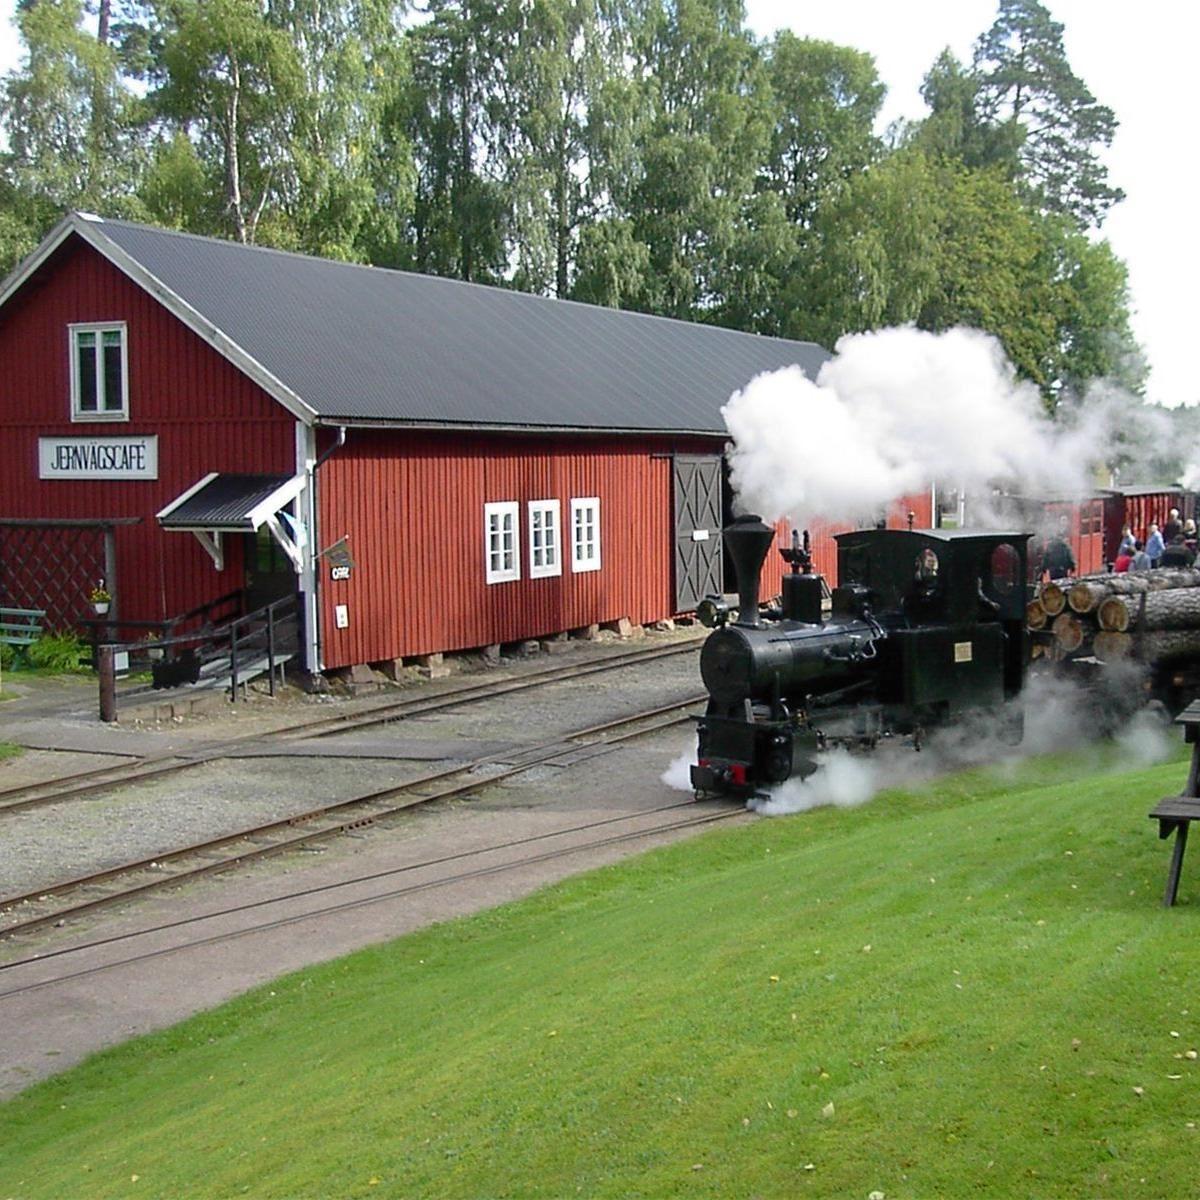 Foto: Lars Ljungkvist,  © Värnamo Näringsliv AB , Ohsabanan och Järnvägscaféet